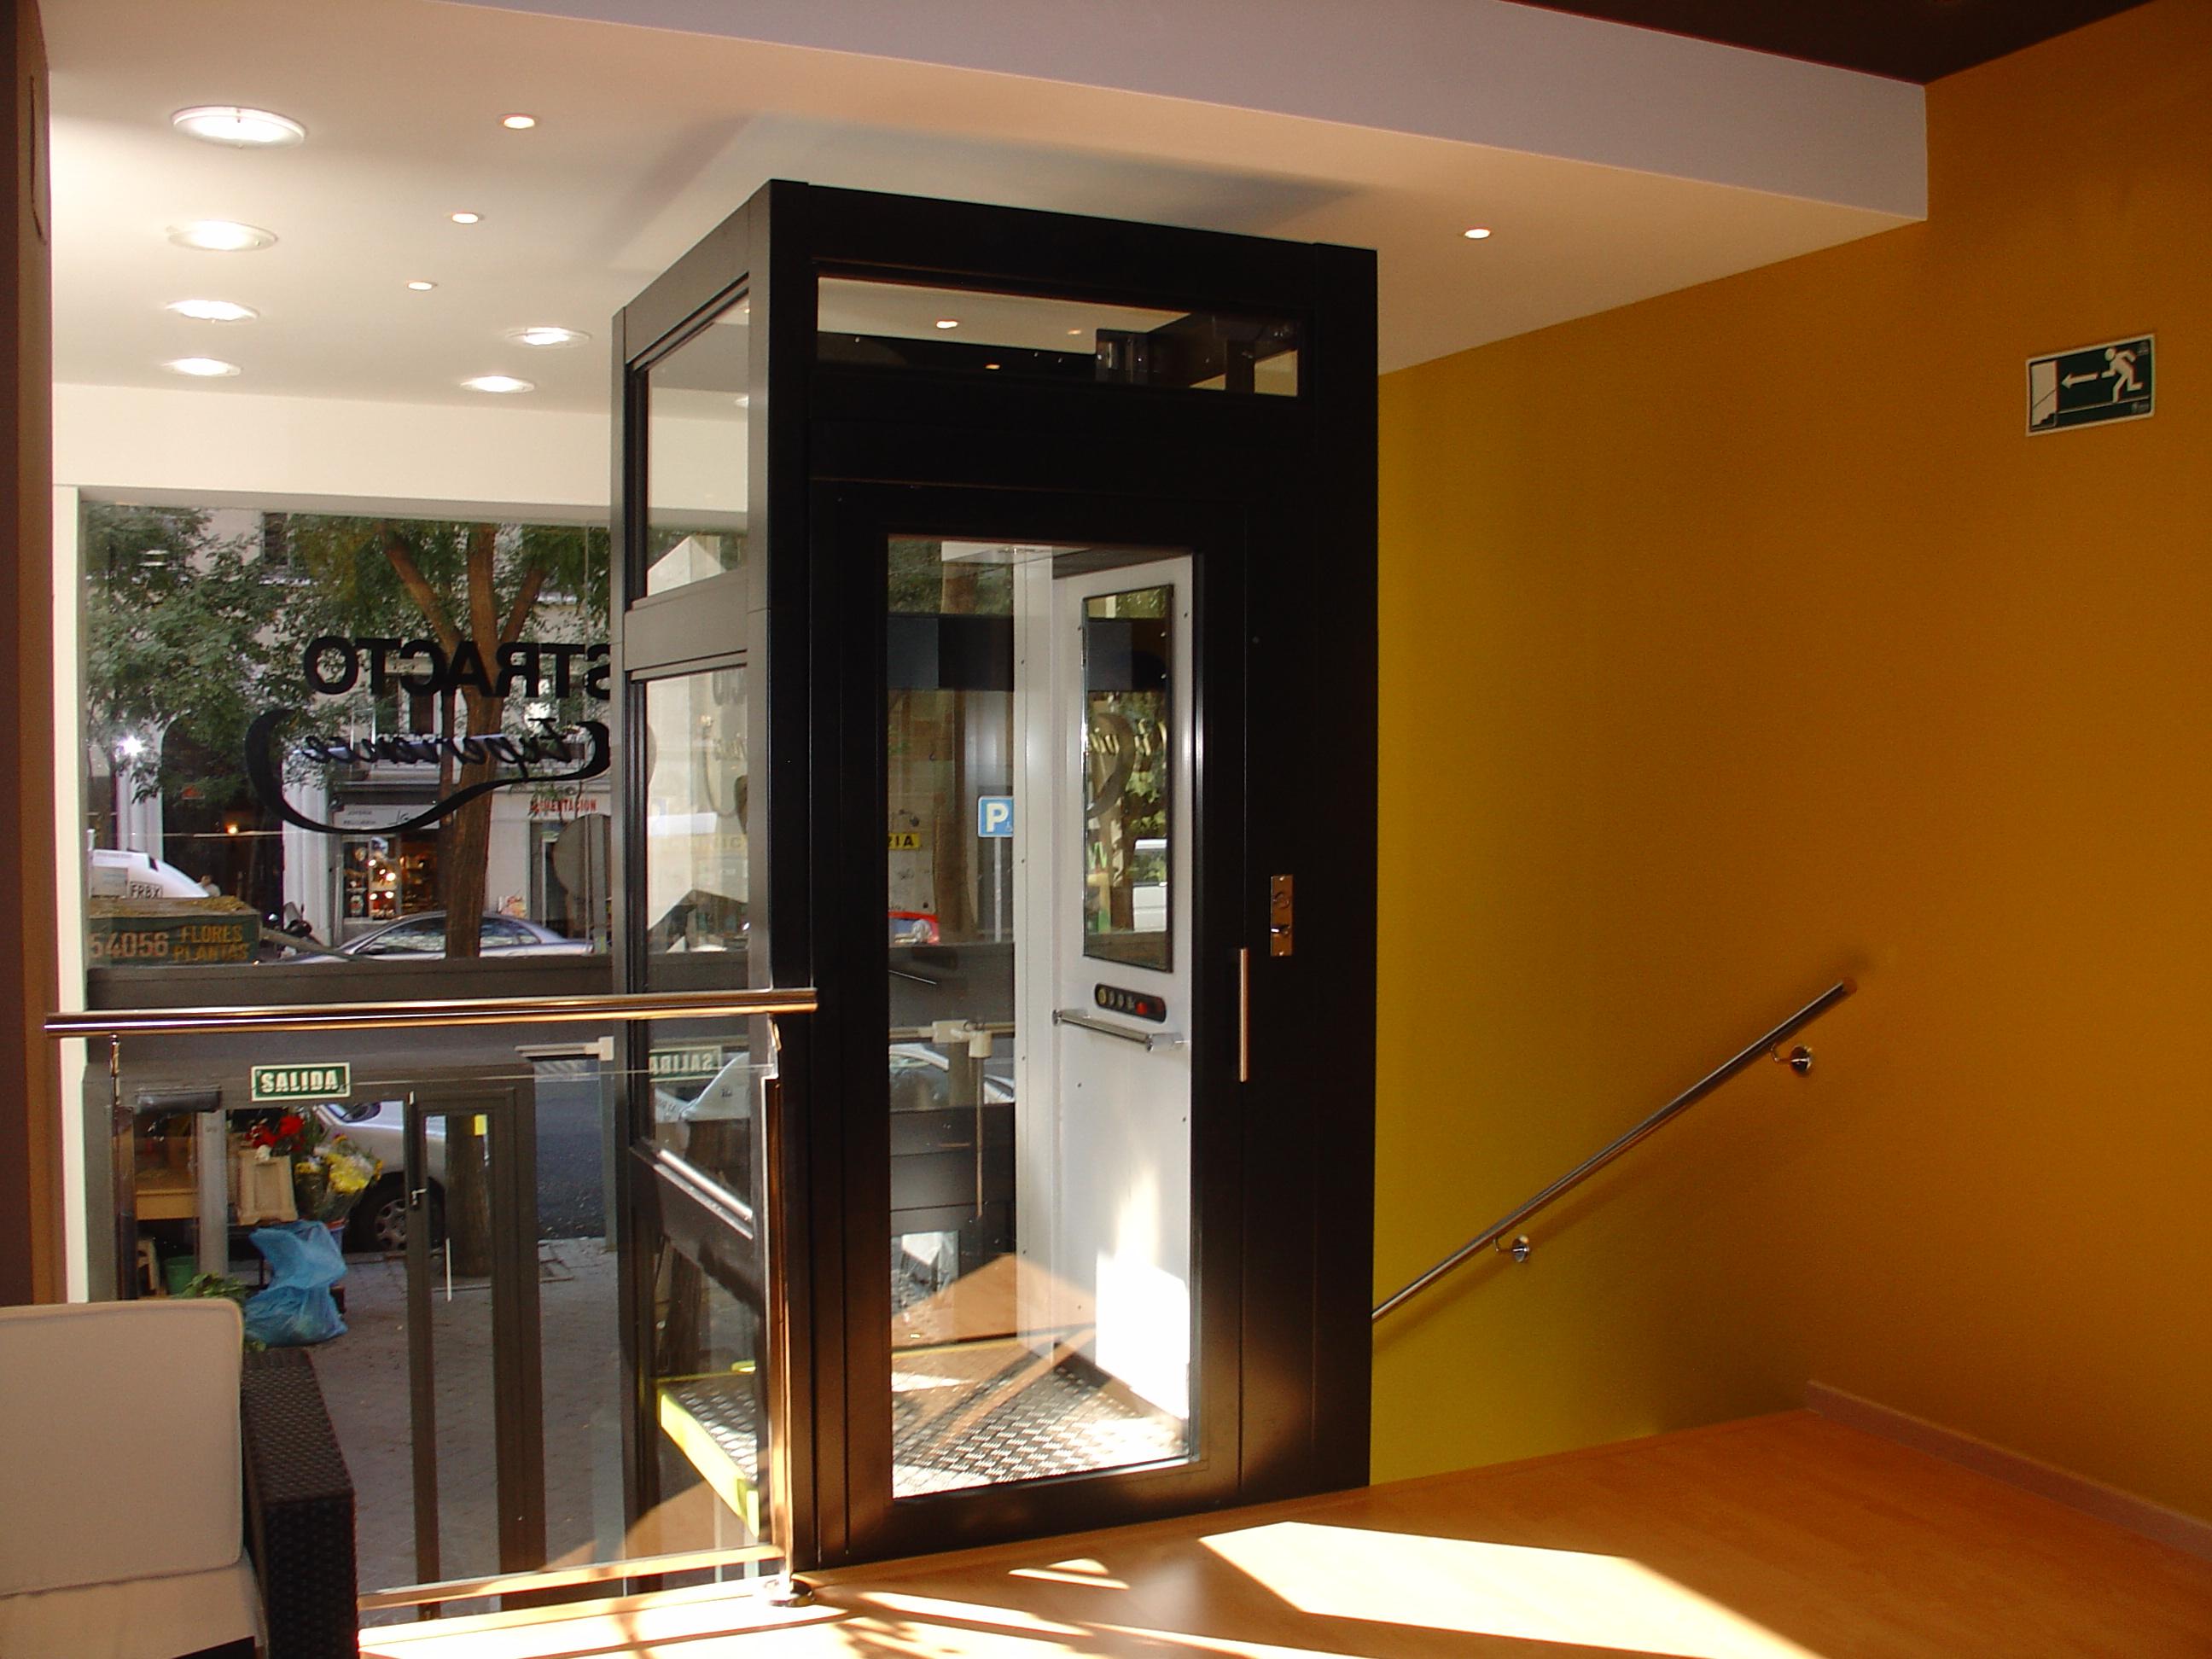 Qu beneficios tienen los ascensores unifamiliares enier - Ascensores para viviendas unifamiliares ...